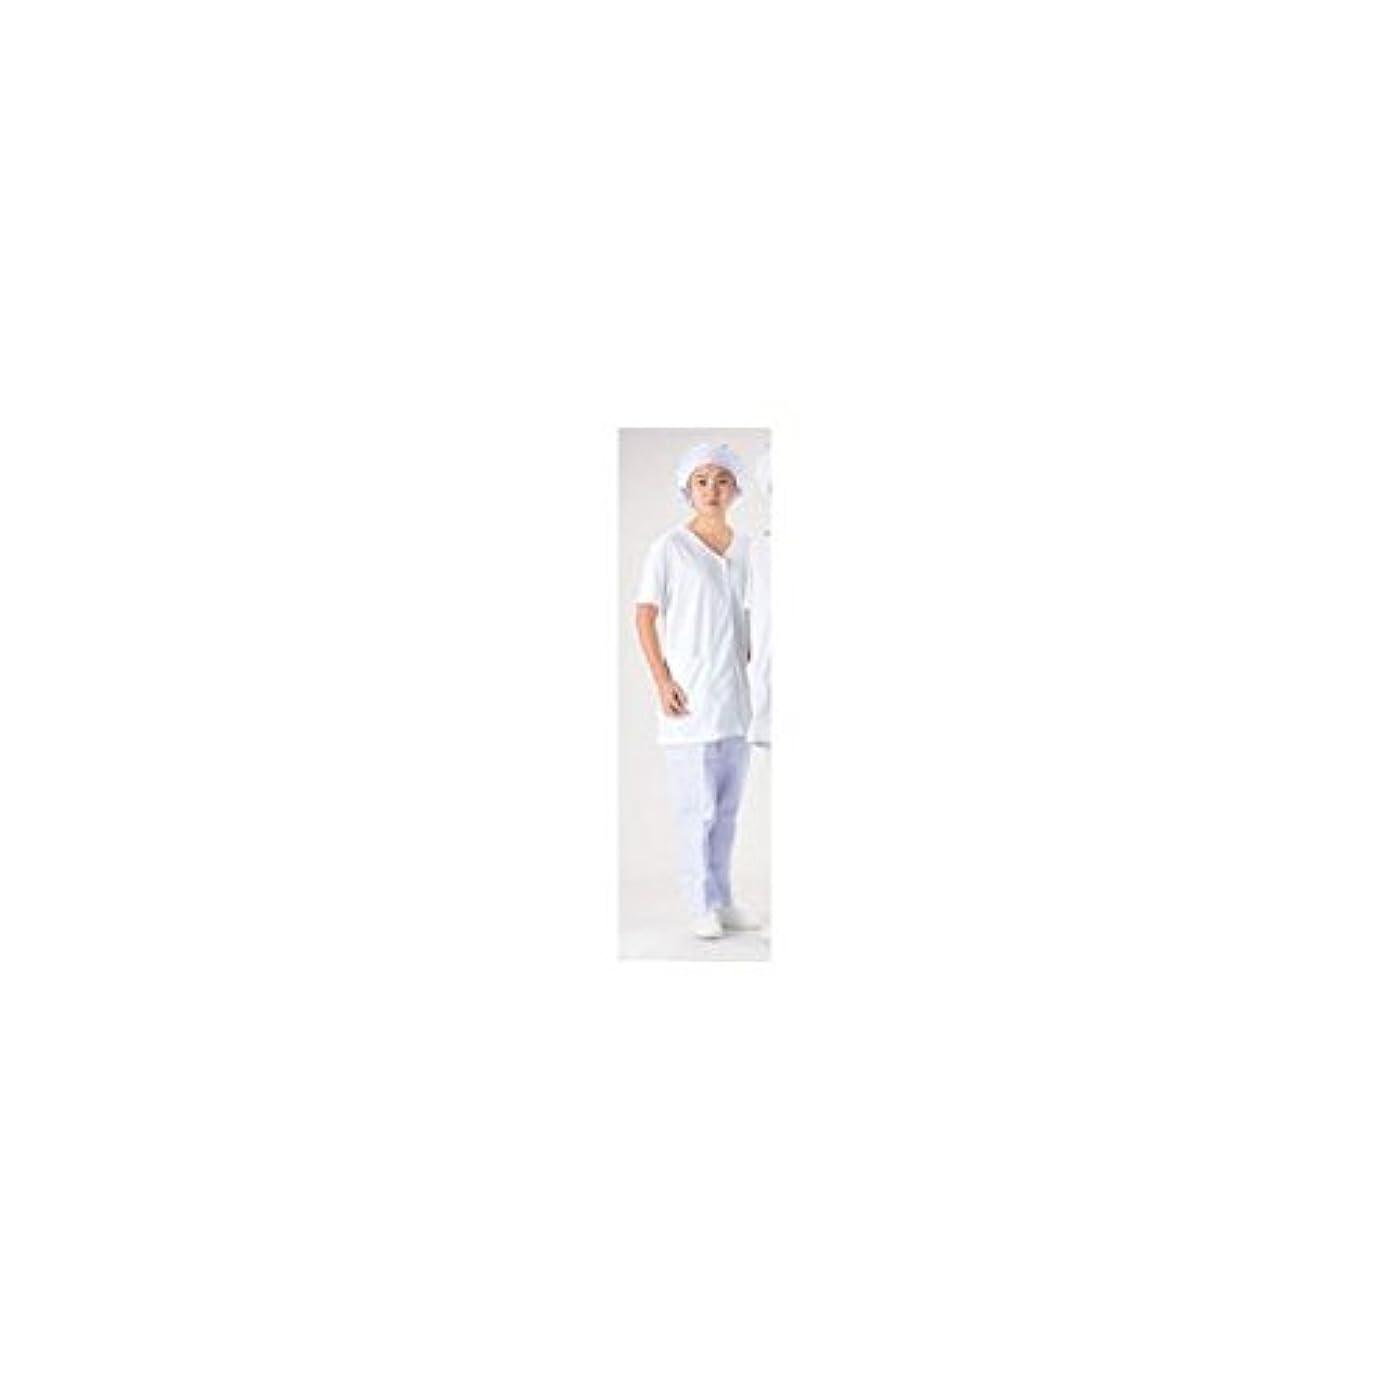 吹雪レタス救いテクノファインコート 女子襟無し半袖白衣 NR-449 LL/62-6635-79